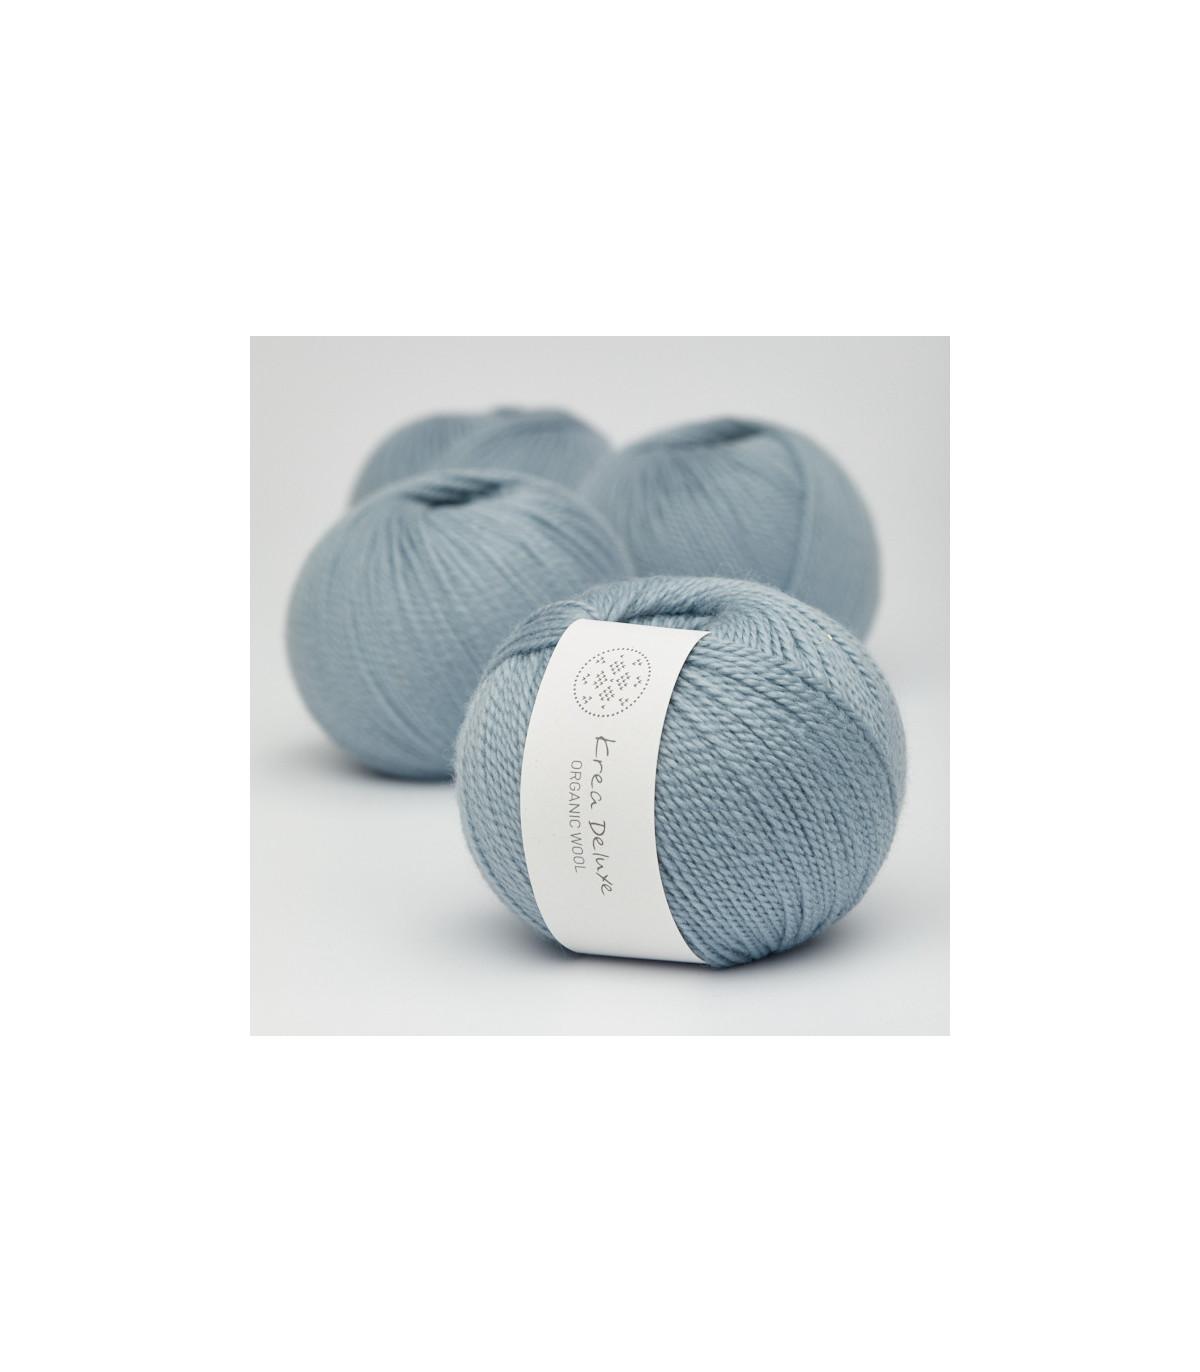 Wool 1 (Neu) - Krea Deluxe in der Farbe W 25 Schmutziges Hellblau